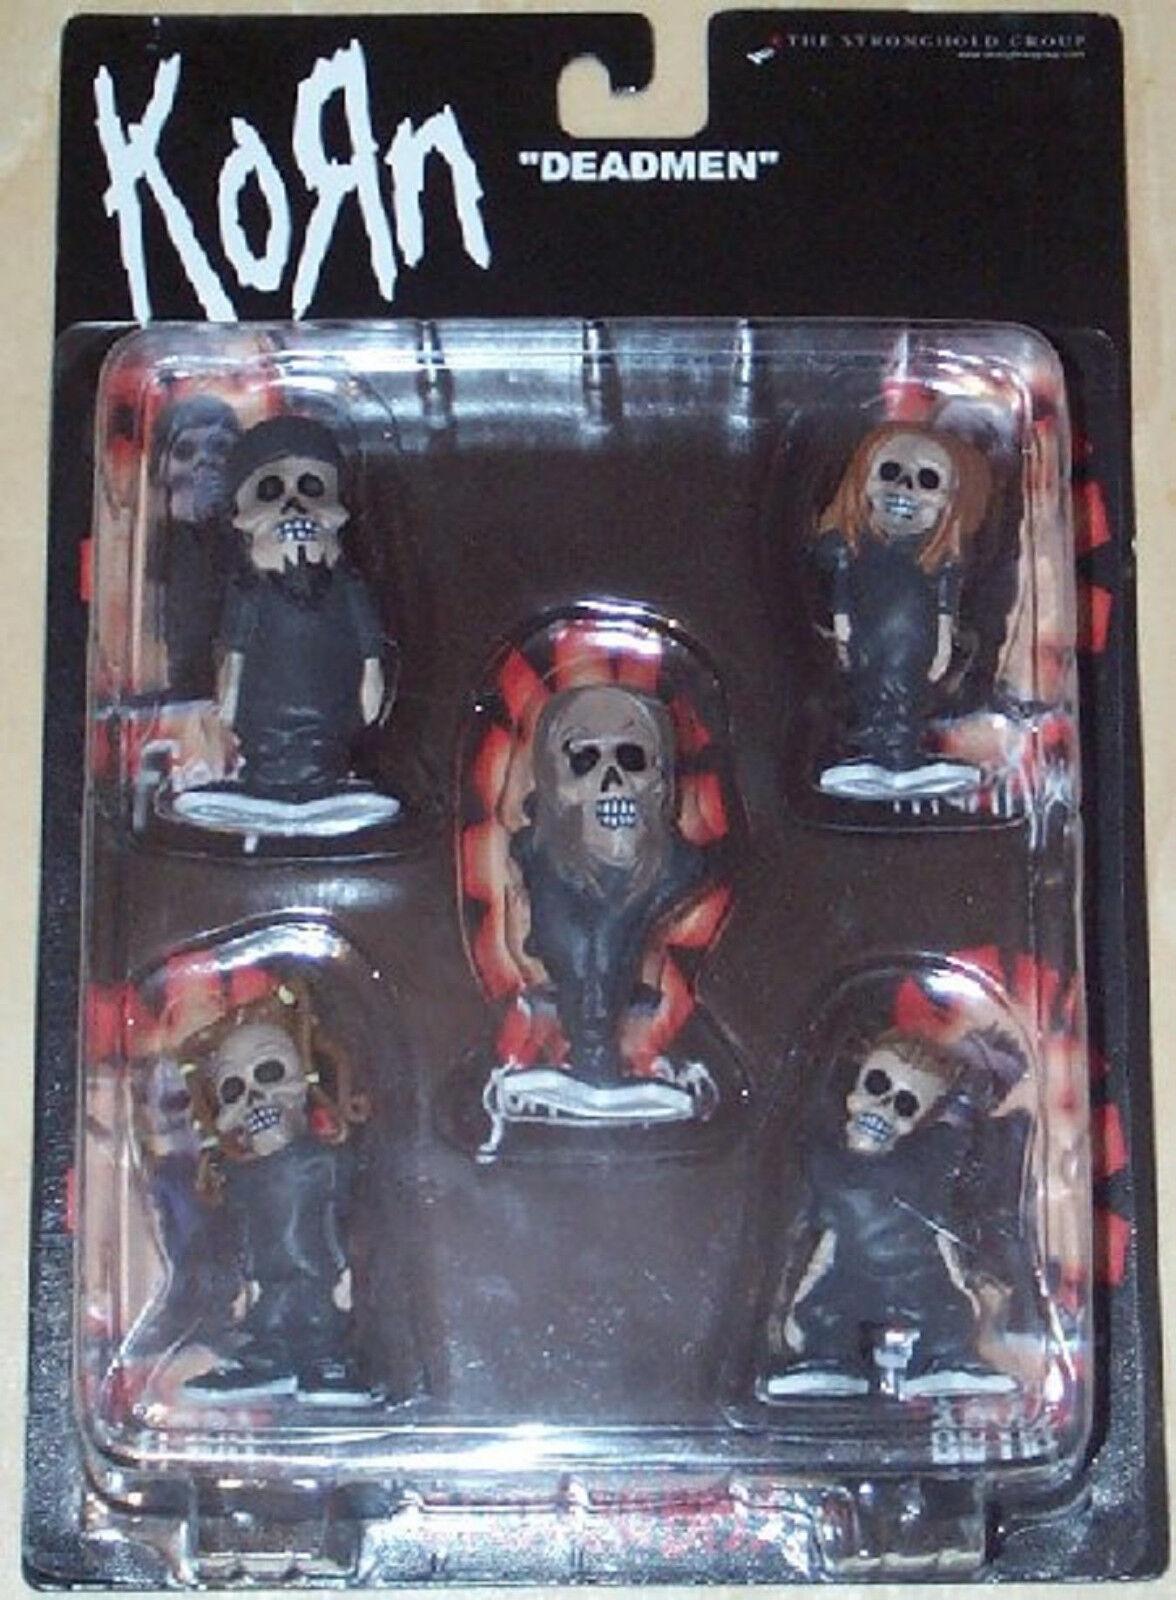 Korn Deadmen Mini Figura De Acción conjunto 5 Ozzy Iron Maiden Metal STRONGHOLD